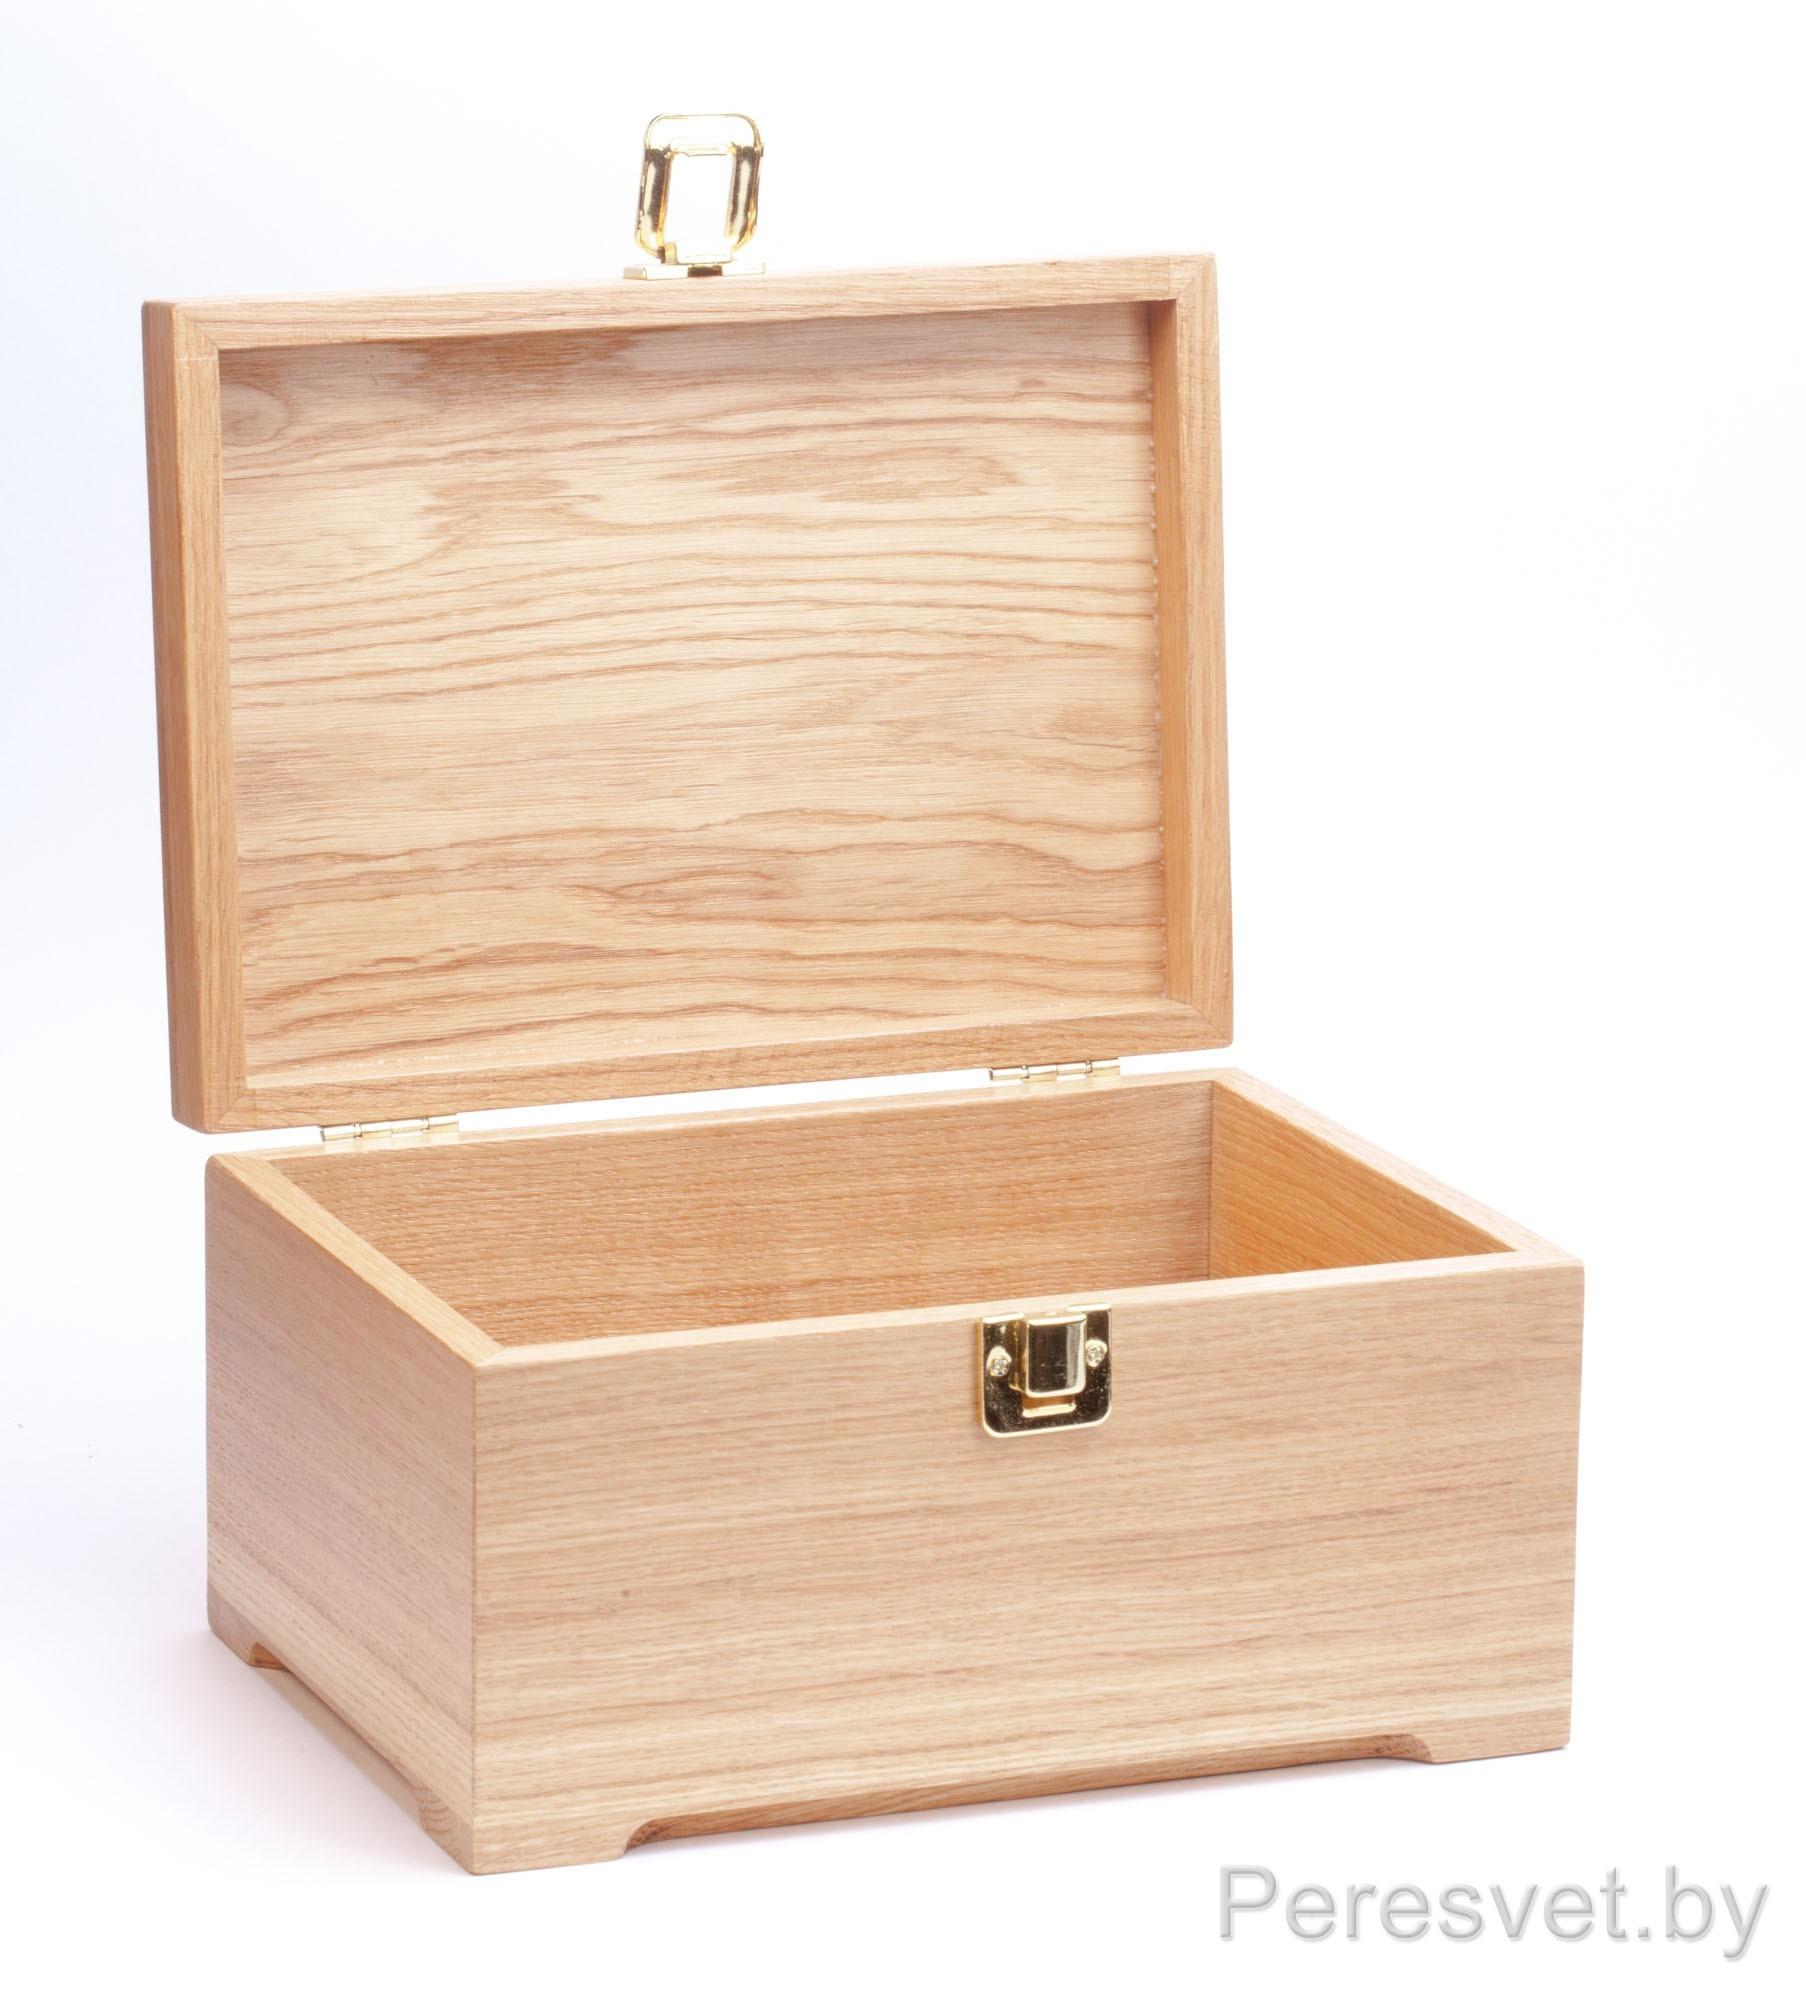 Рюмки перевертыши подарочный набор Охотничьи трофеи дуб на peresvet.by